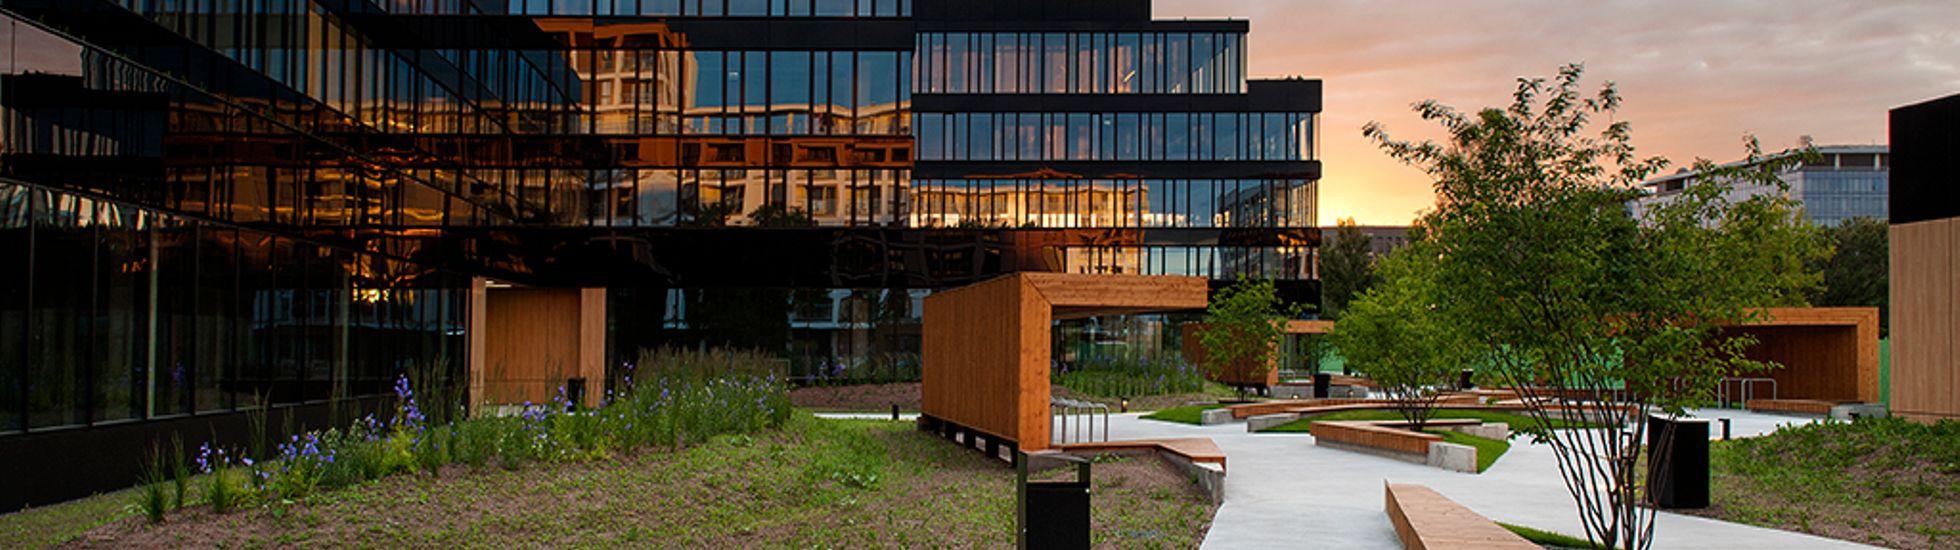 [Warszawa] Międzynarodowa firma medyczna otwiera siedzibę w biurowcu Neopark w Warszawie